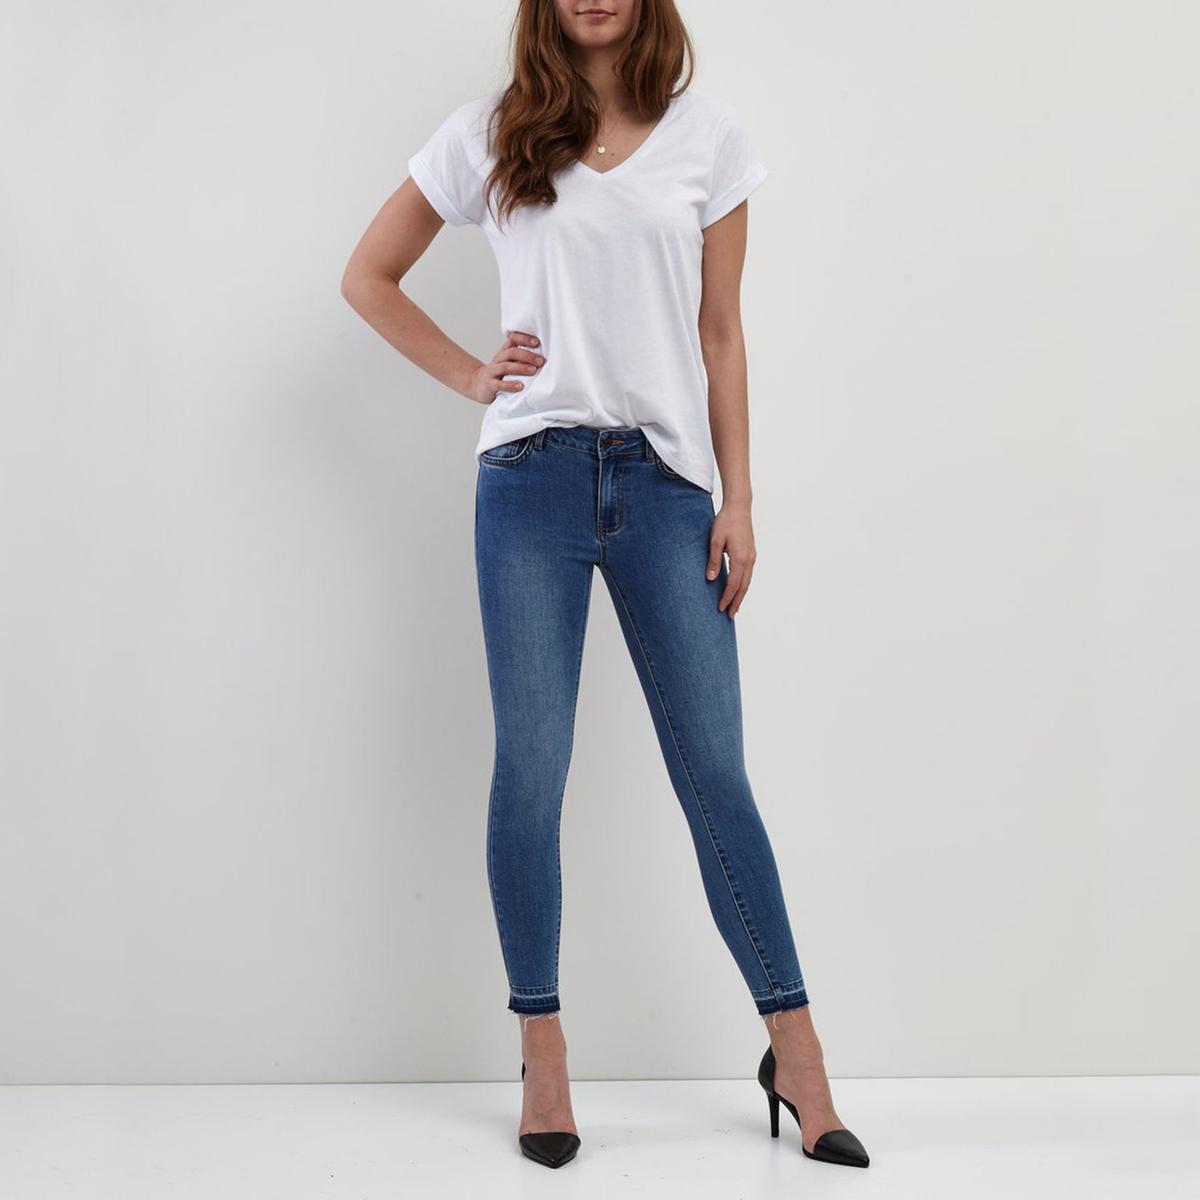 Джинсы узкие со стандартной талией, длина 32Материал : 7% вискозы, 65% хлопка, 2% эластана, 26% полиэстера  Высота пояса : стандартная Покрой джинсов : узкий Длина джинсов : длина 32<br><br>Цвет: светлый деним<br>Размер: L